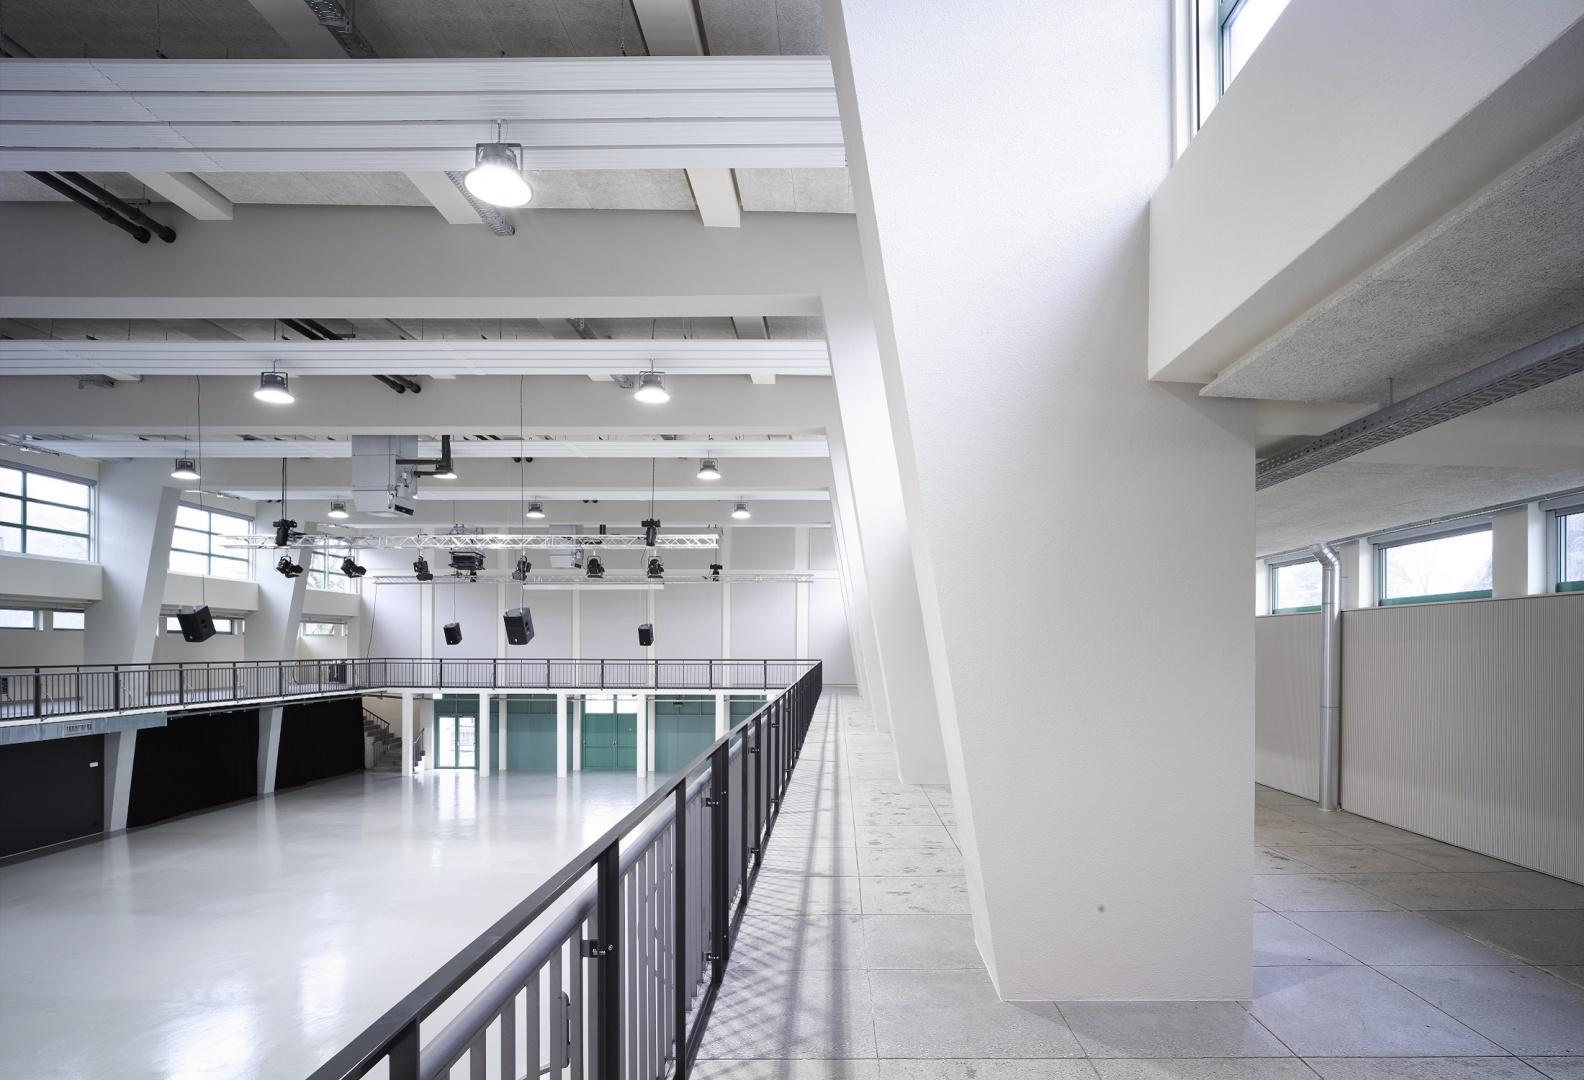 Markthalle, Halle und Galerie © Manuel Stettler, Fotograf, Burgdorf